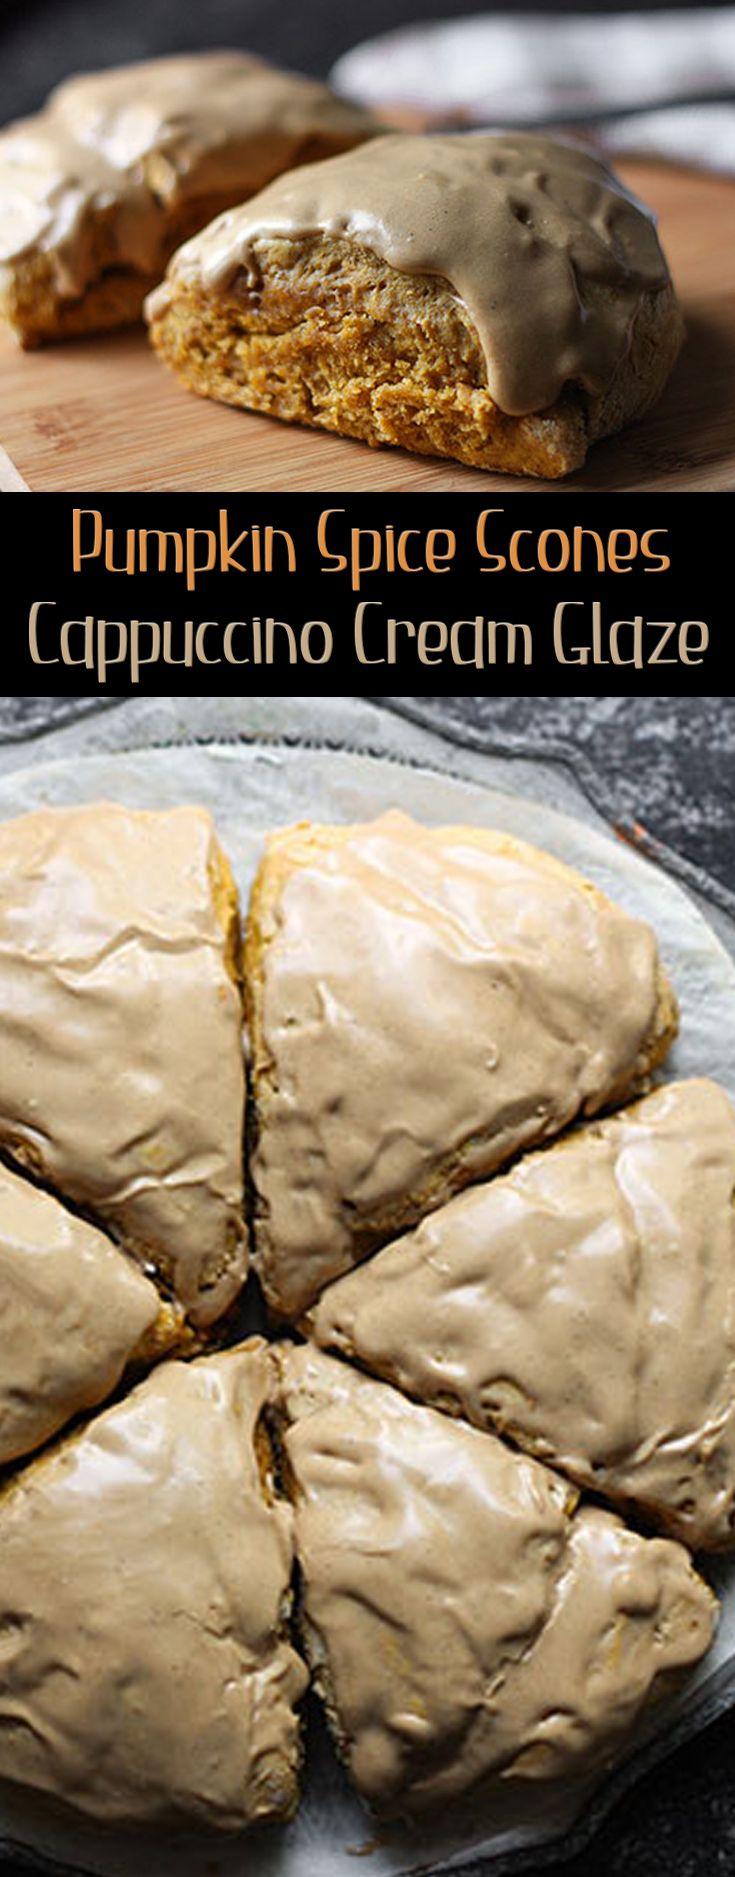 Pumpkin Spice Scones Cappuccino Cream Glaze